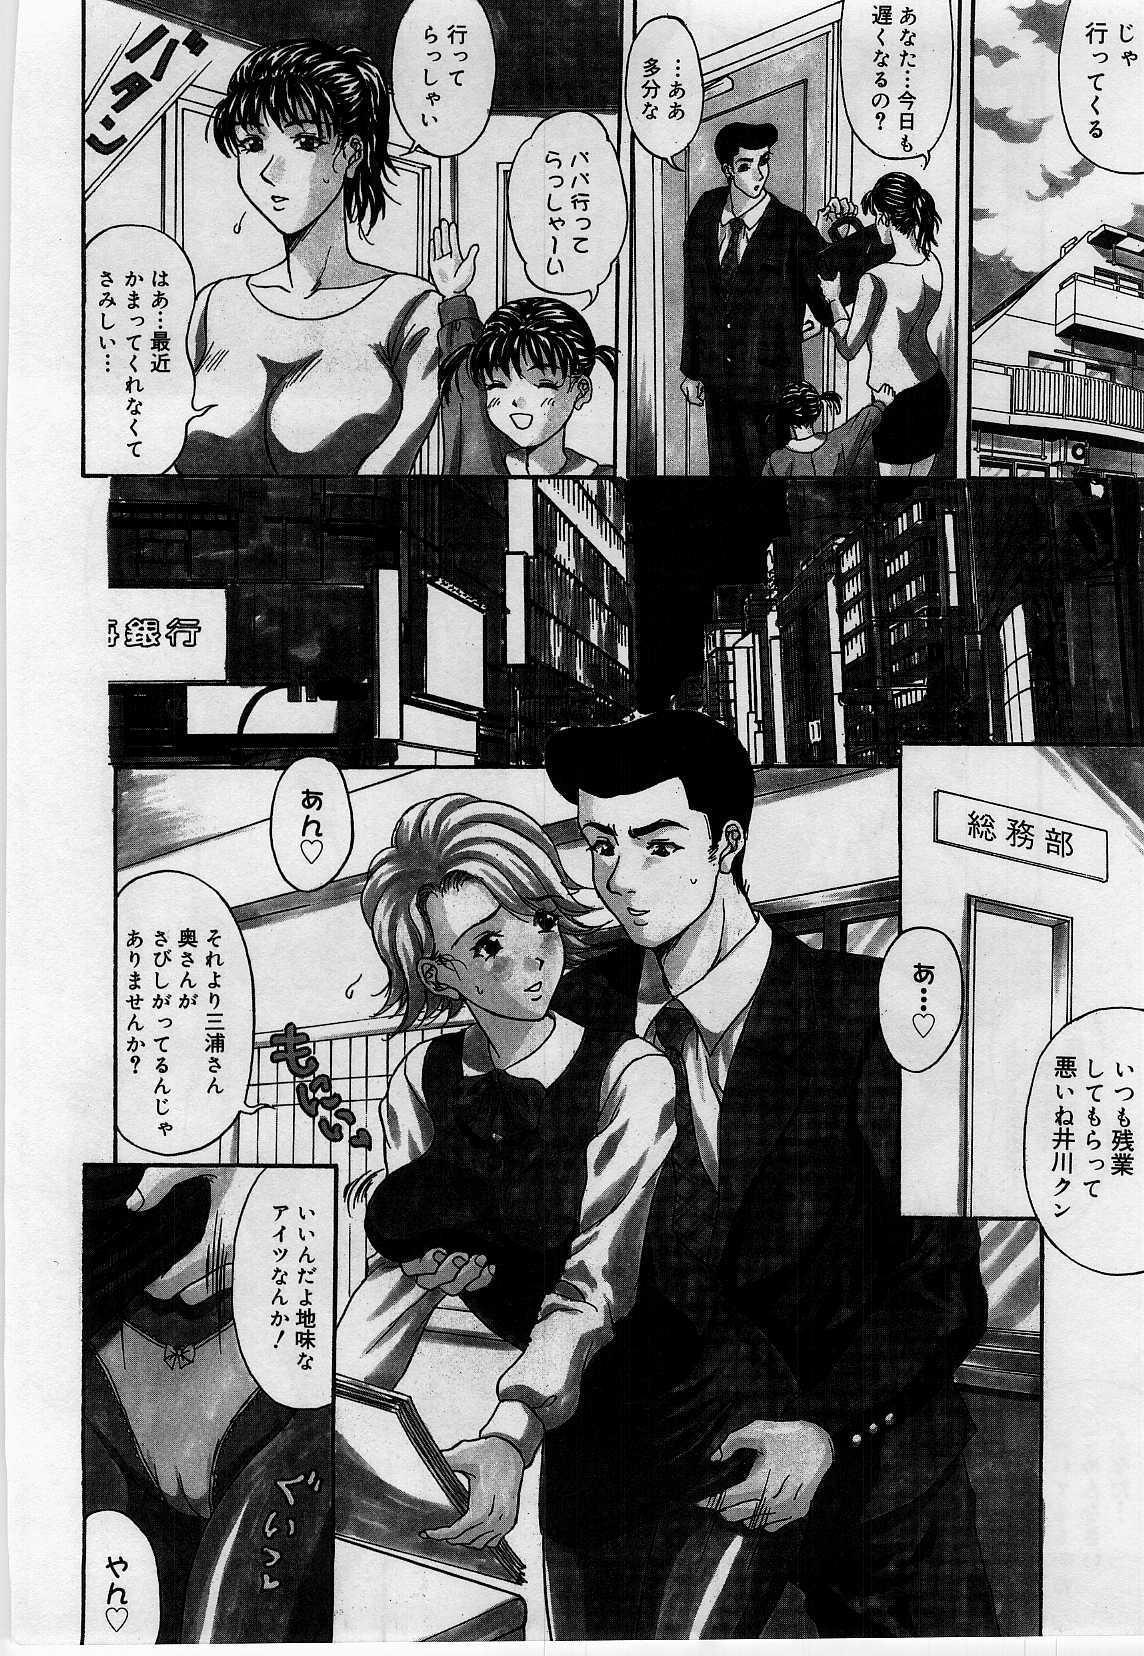 Yokubou no Hako - The Box of the Desire 159